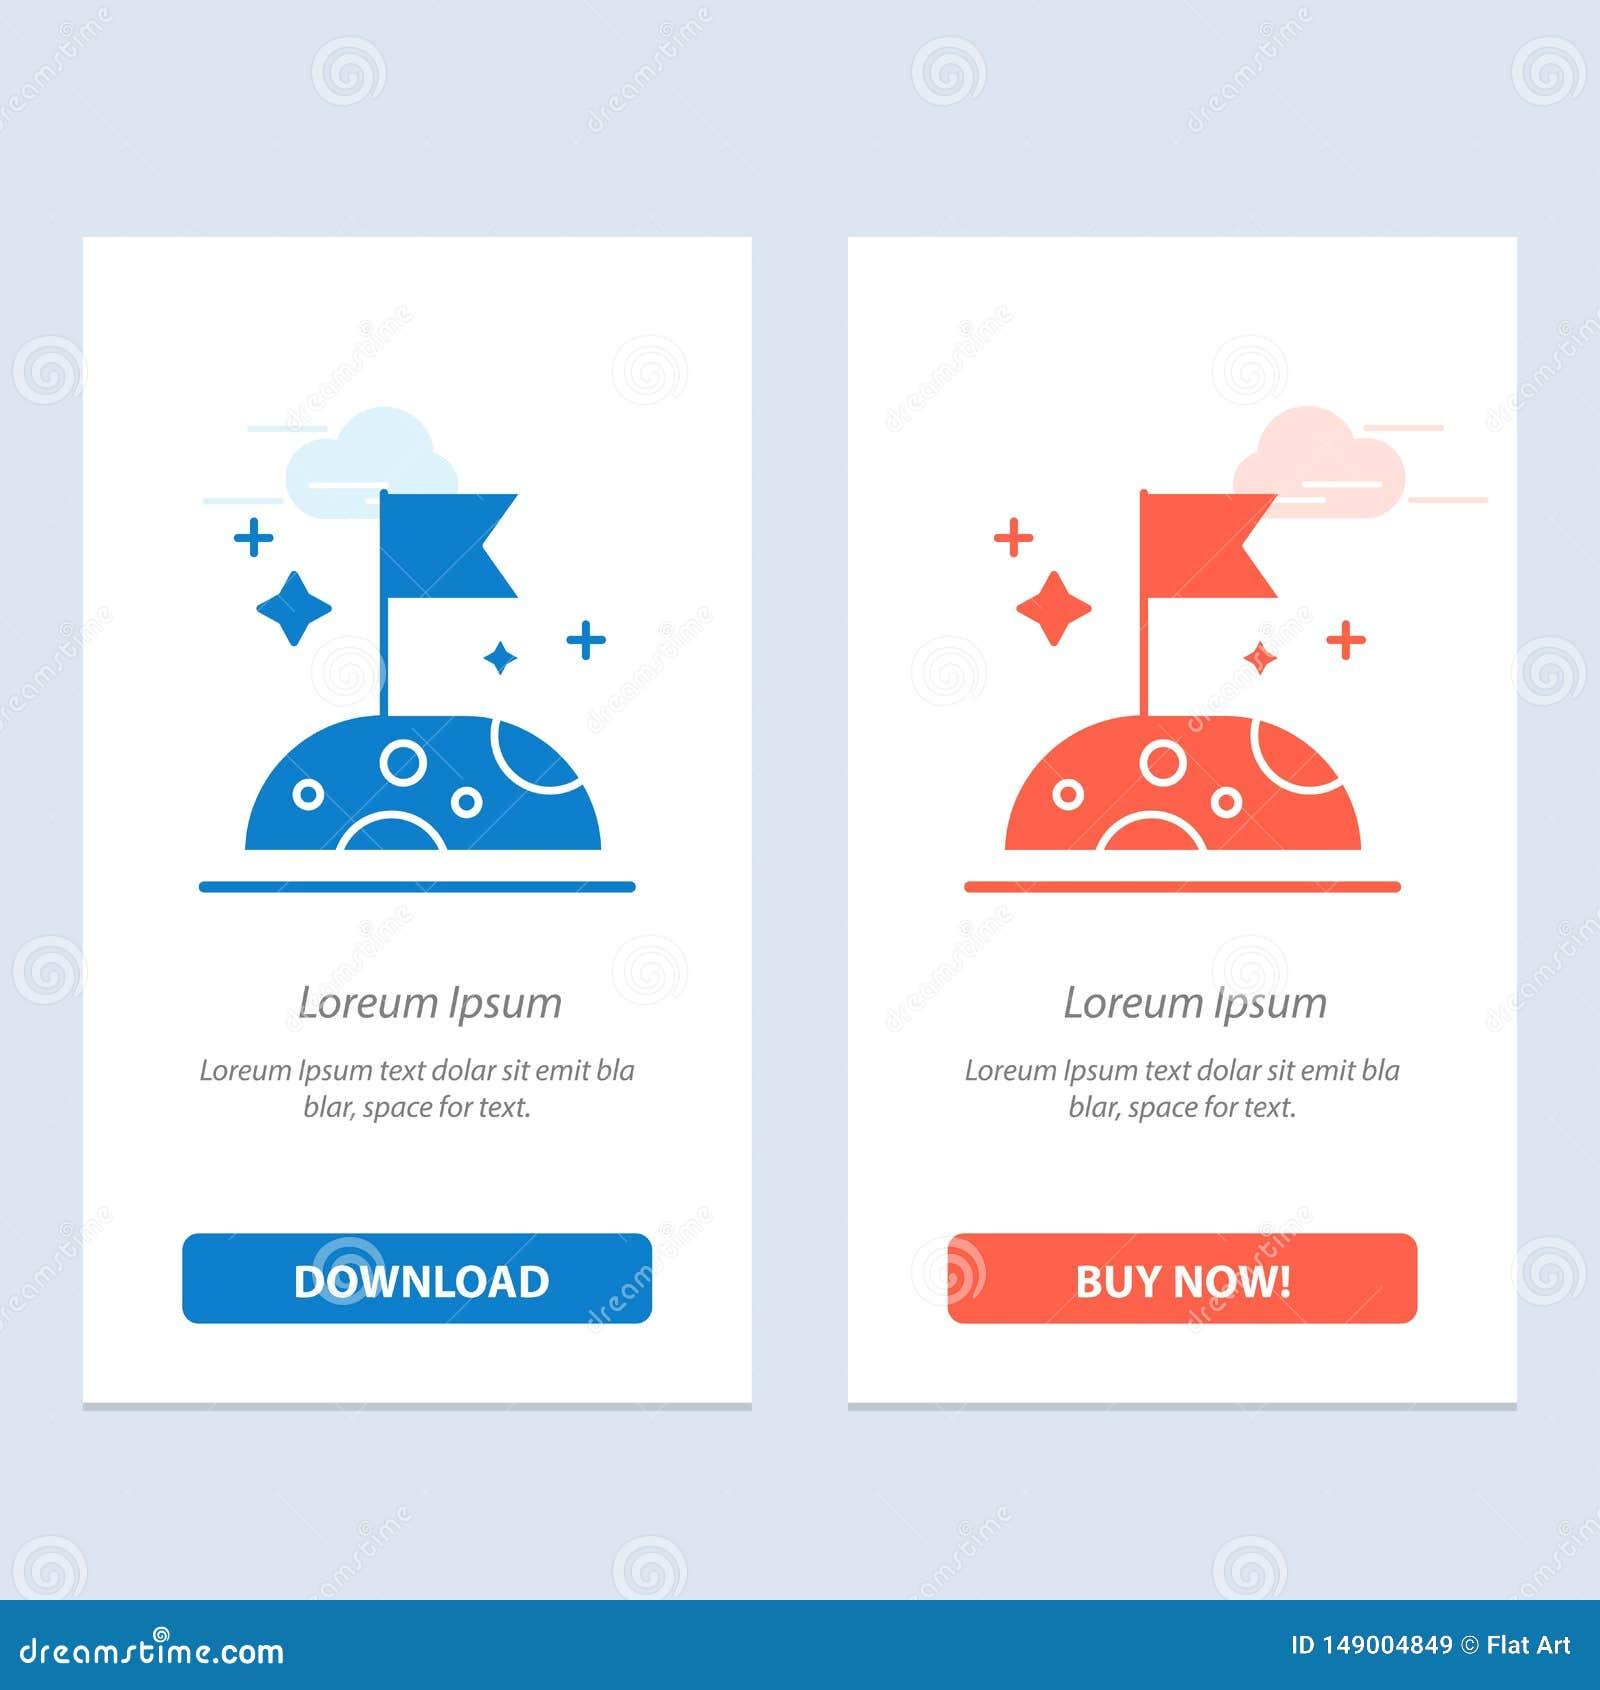 月亮、慢,空间蓝色和红色下载和现在买网装饰物卡片模板